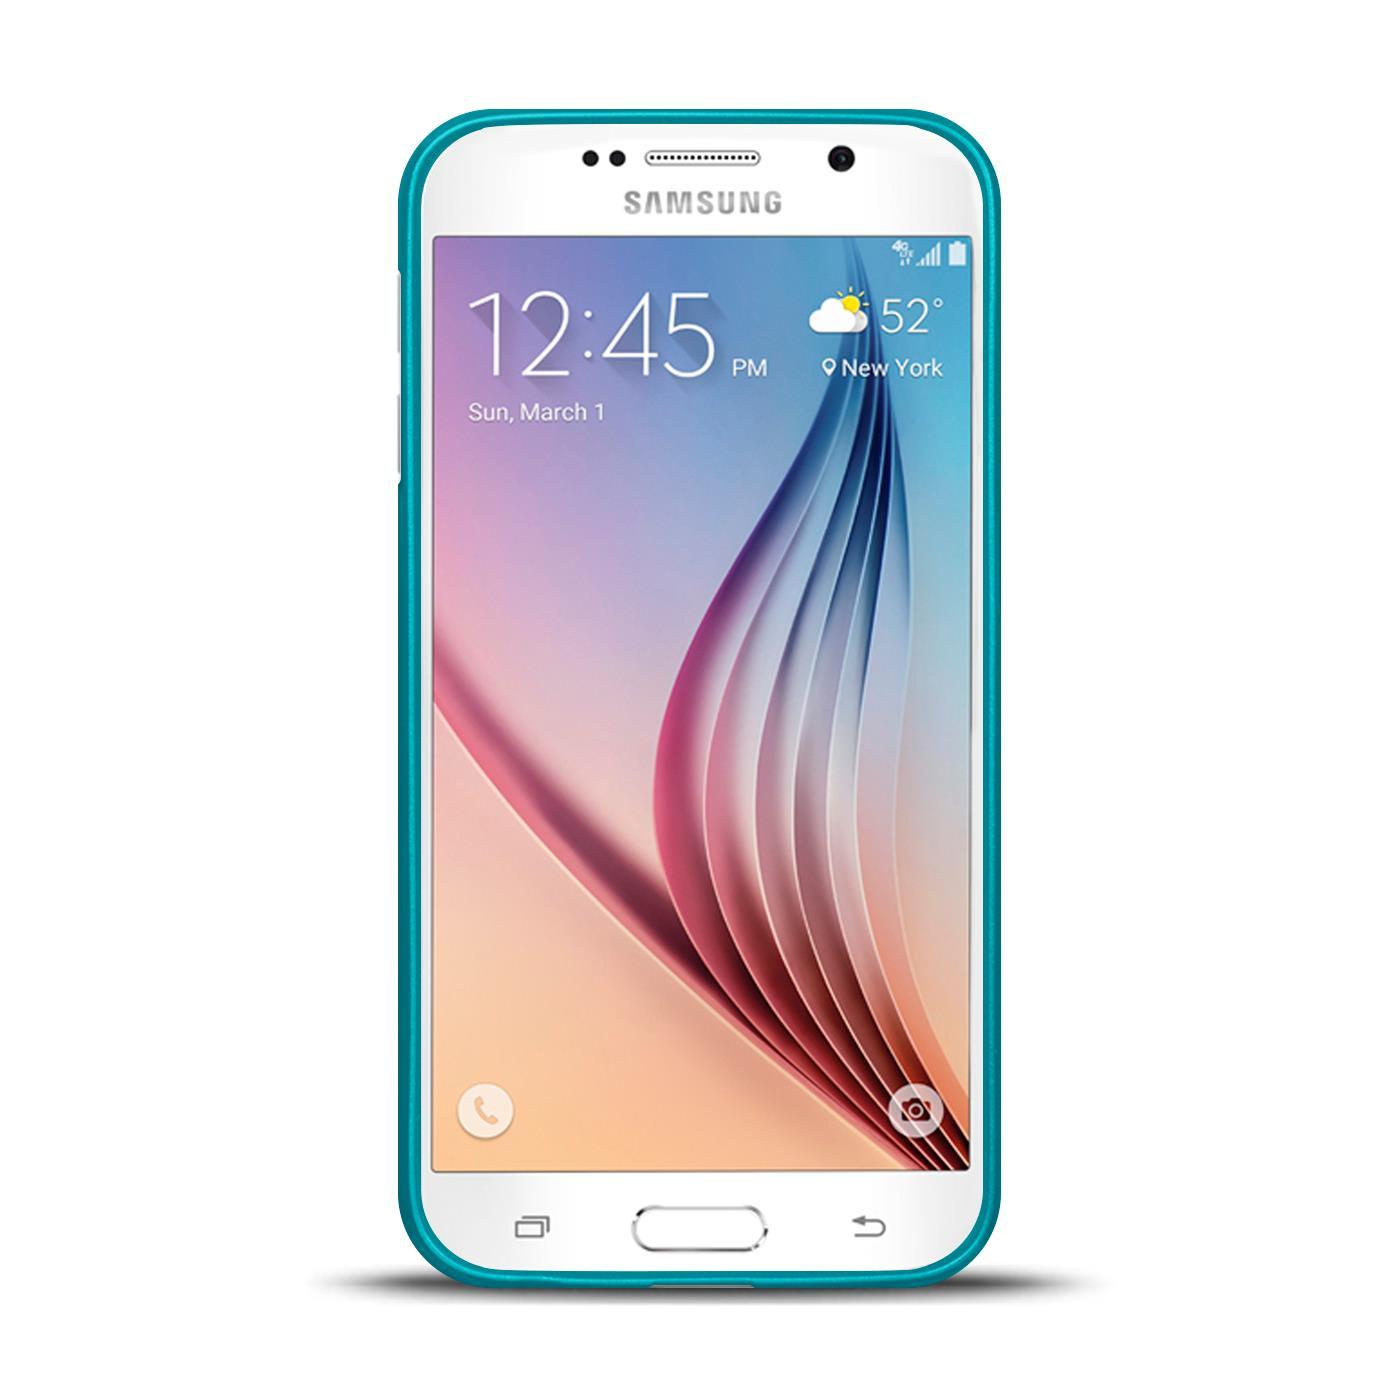 Silikon-Bumper-Case-fuer-Samsung-Galaxy-s6-duenne-ultra-slim-Stossfeste-Rueckschale Indexbild 11